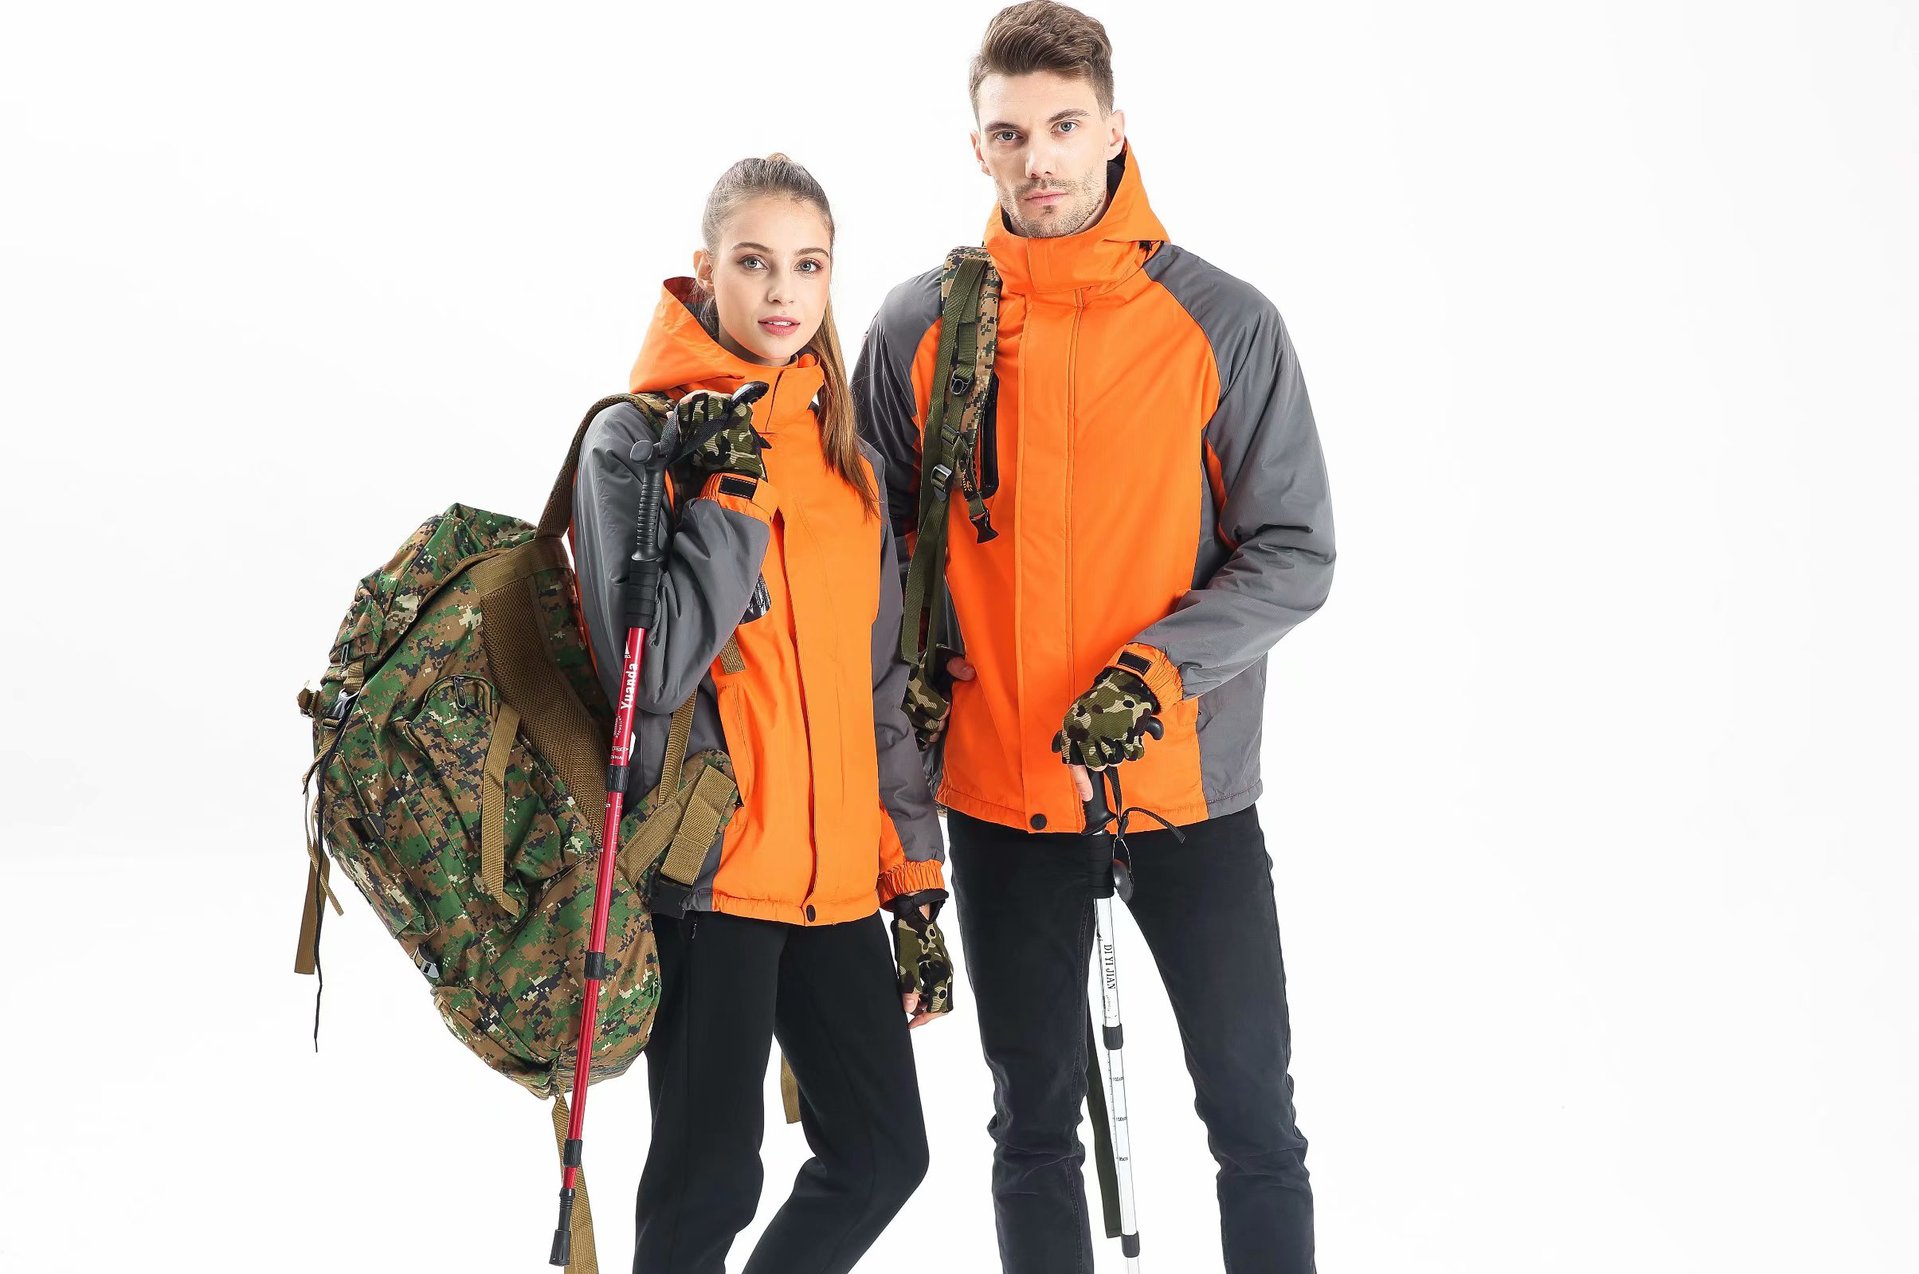 velo caminhadas jaquetas calças snowboard terno de esqui feminino casaco térmico